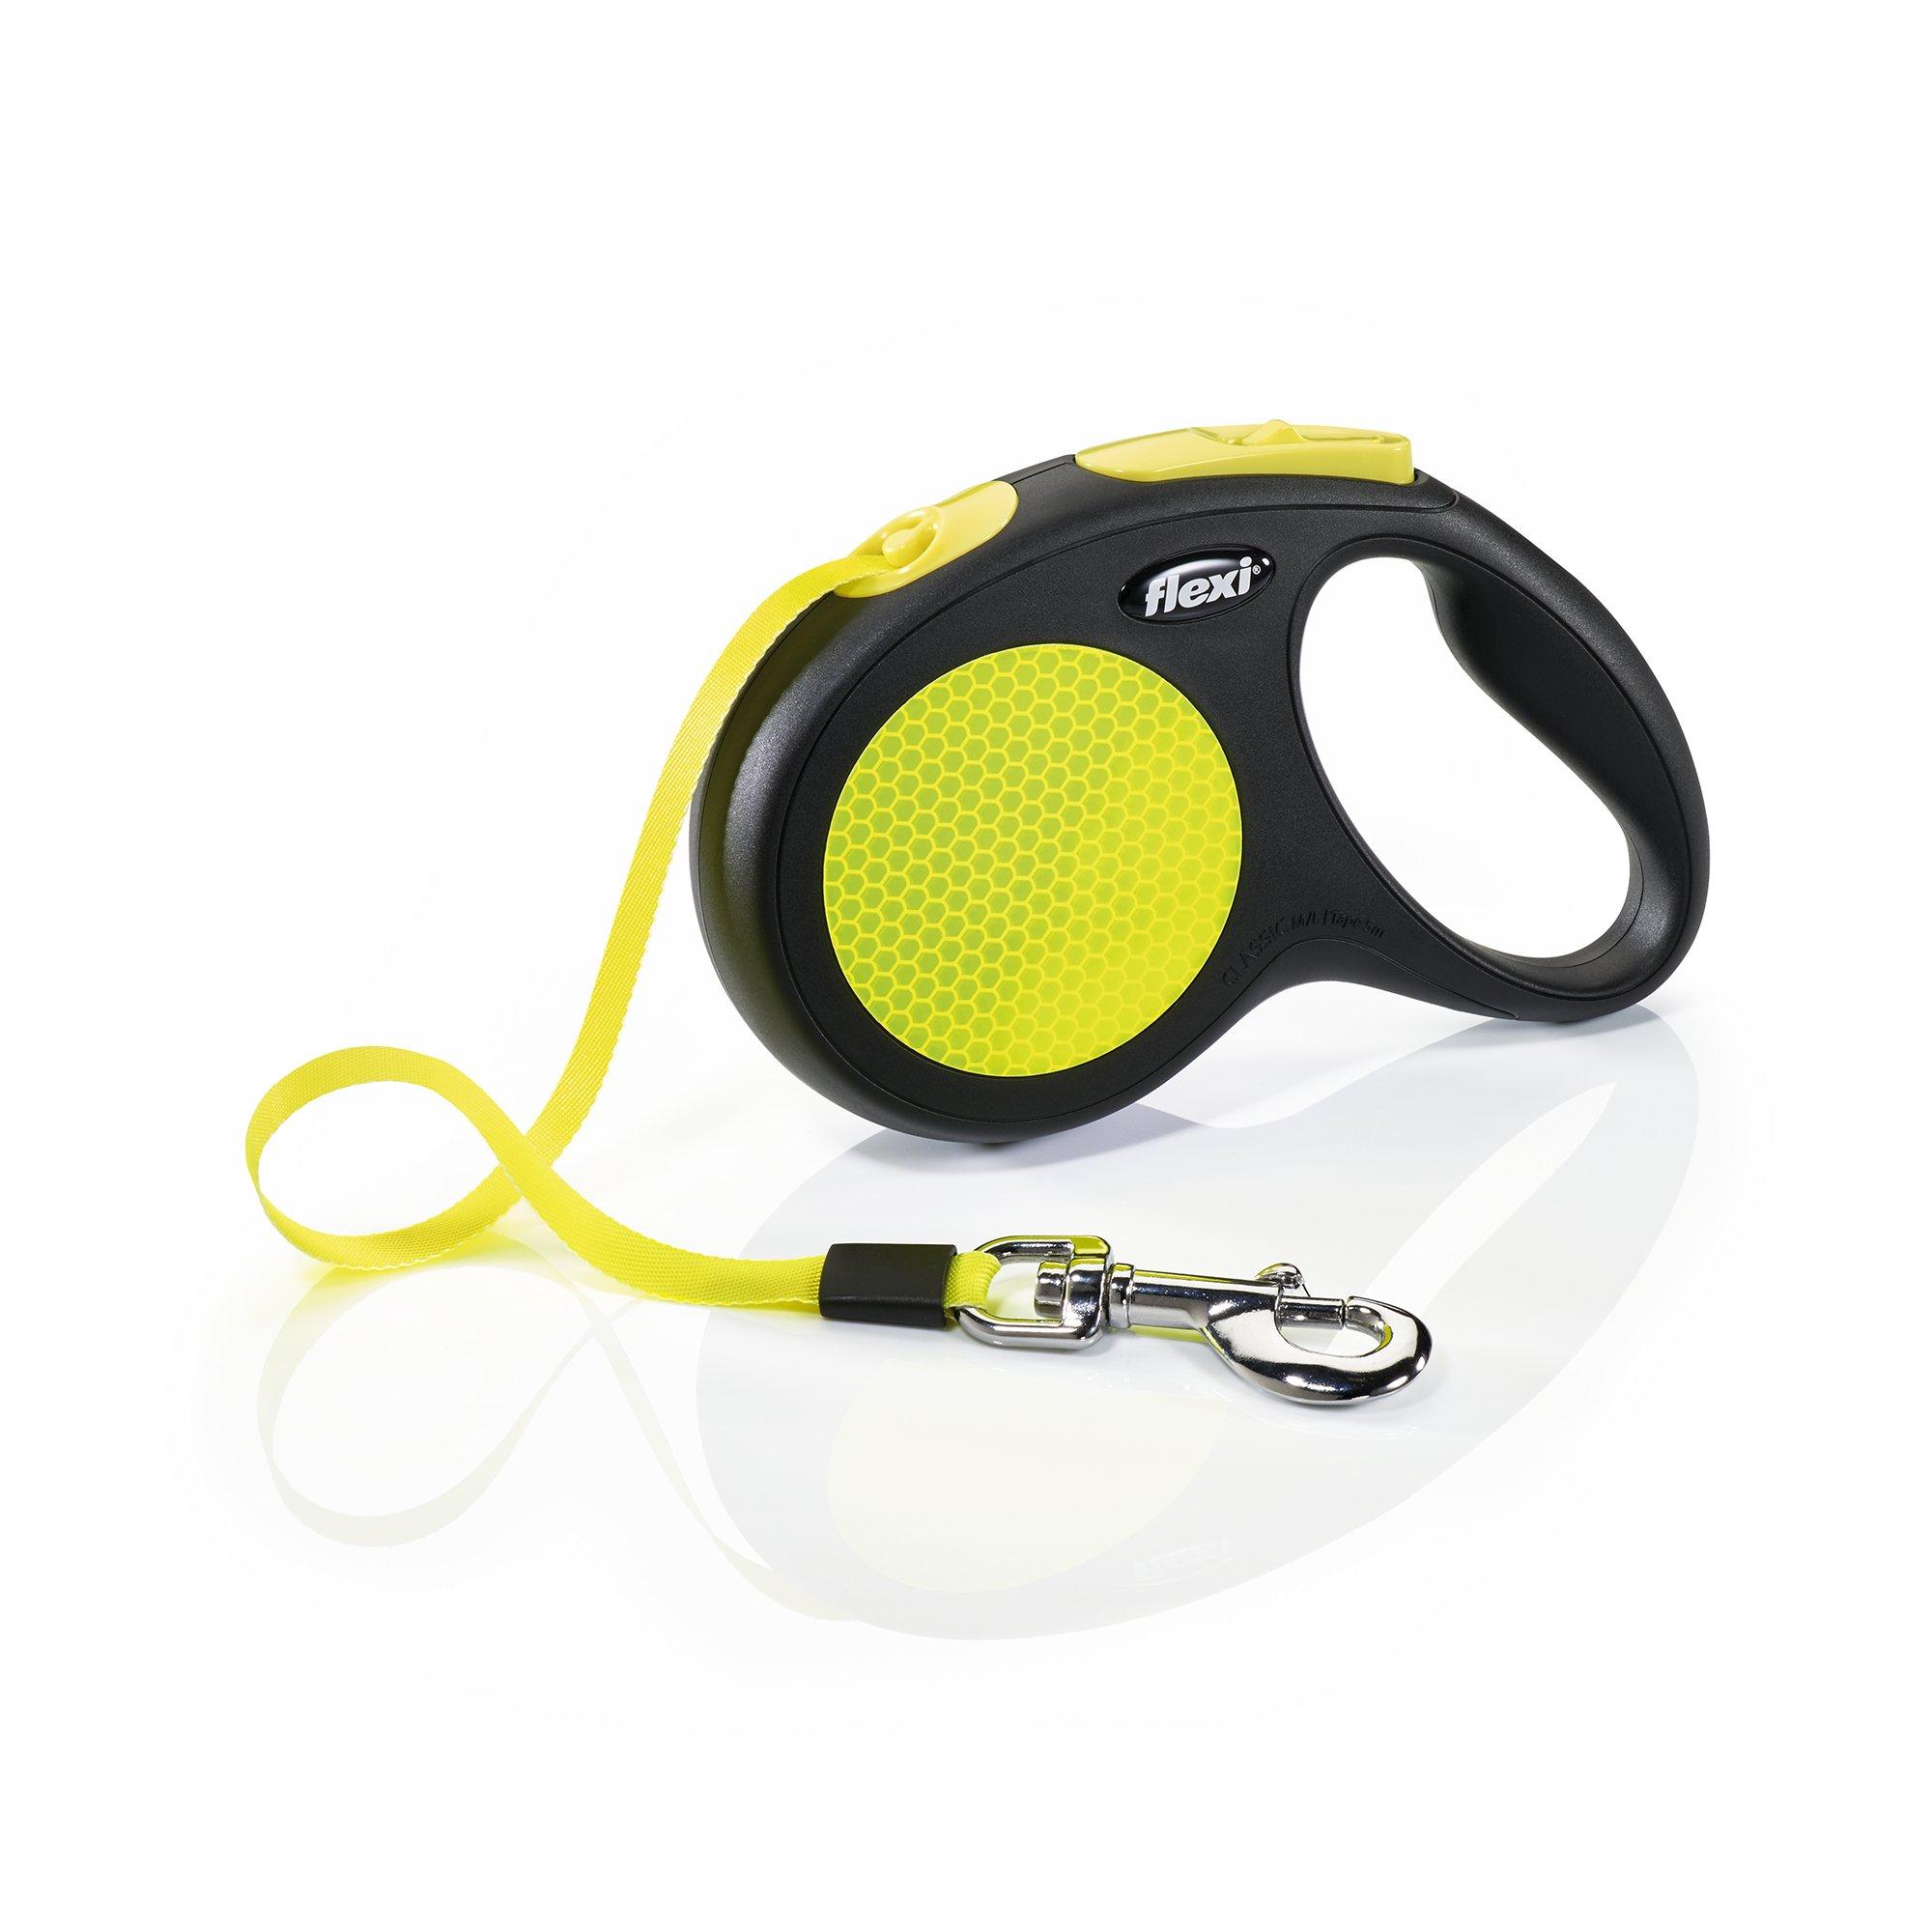 Flexi New Neon Reflective Retractable 16' Tape Leash | Petco at Petco in Braselton, GA | Tuggl